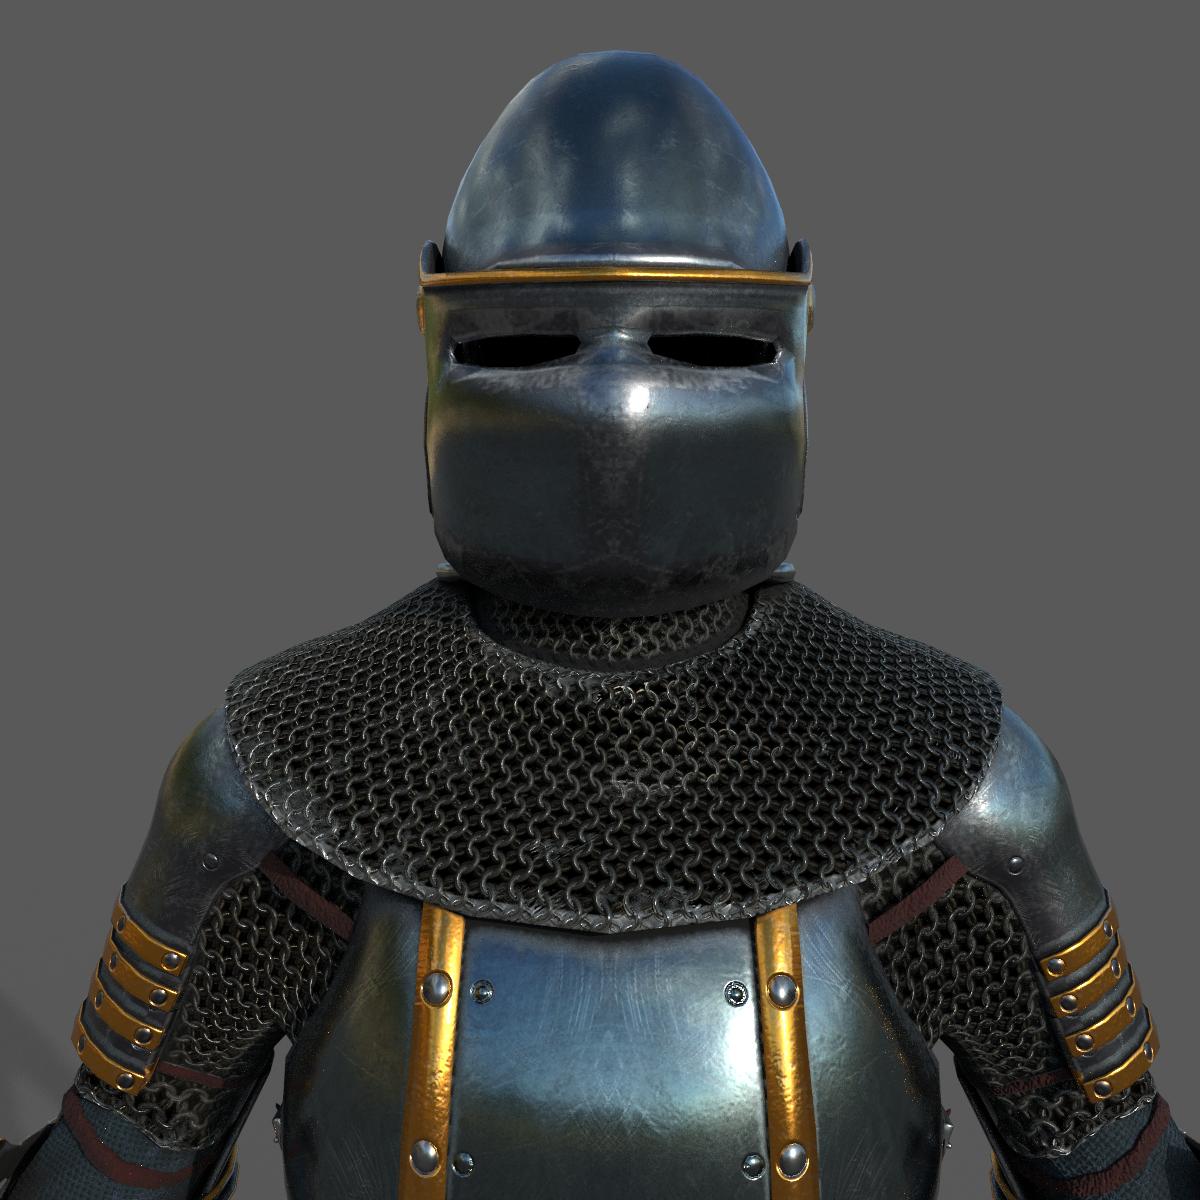 PBR Armour